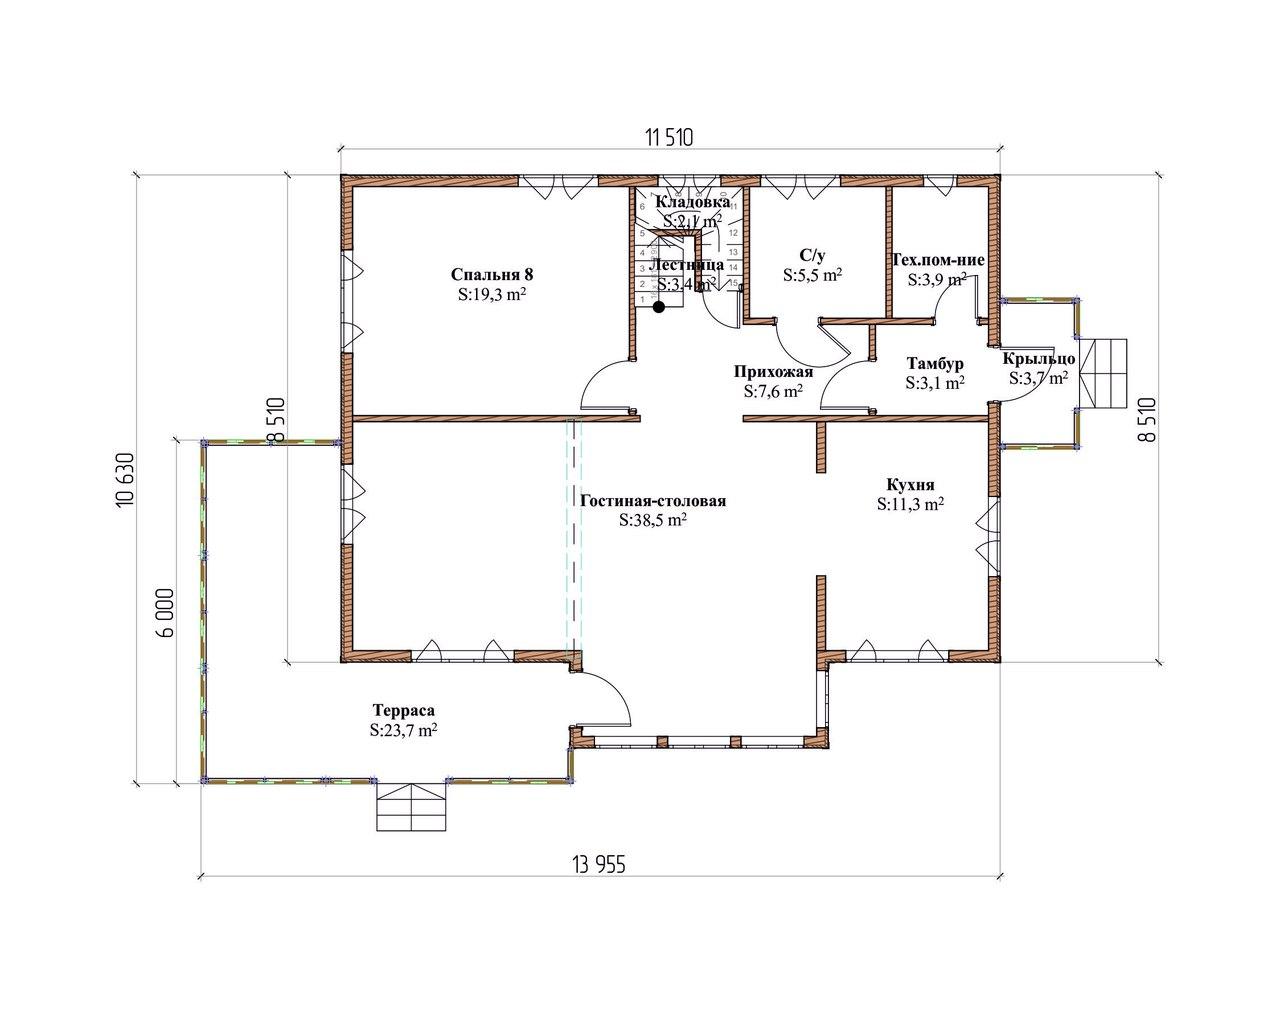 Проект каркасного дома К-7. Общая площадь 225 м2. план